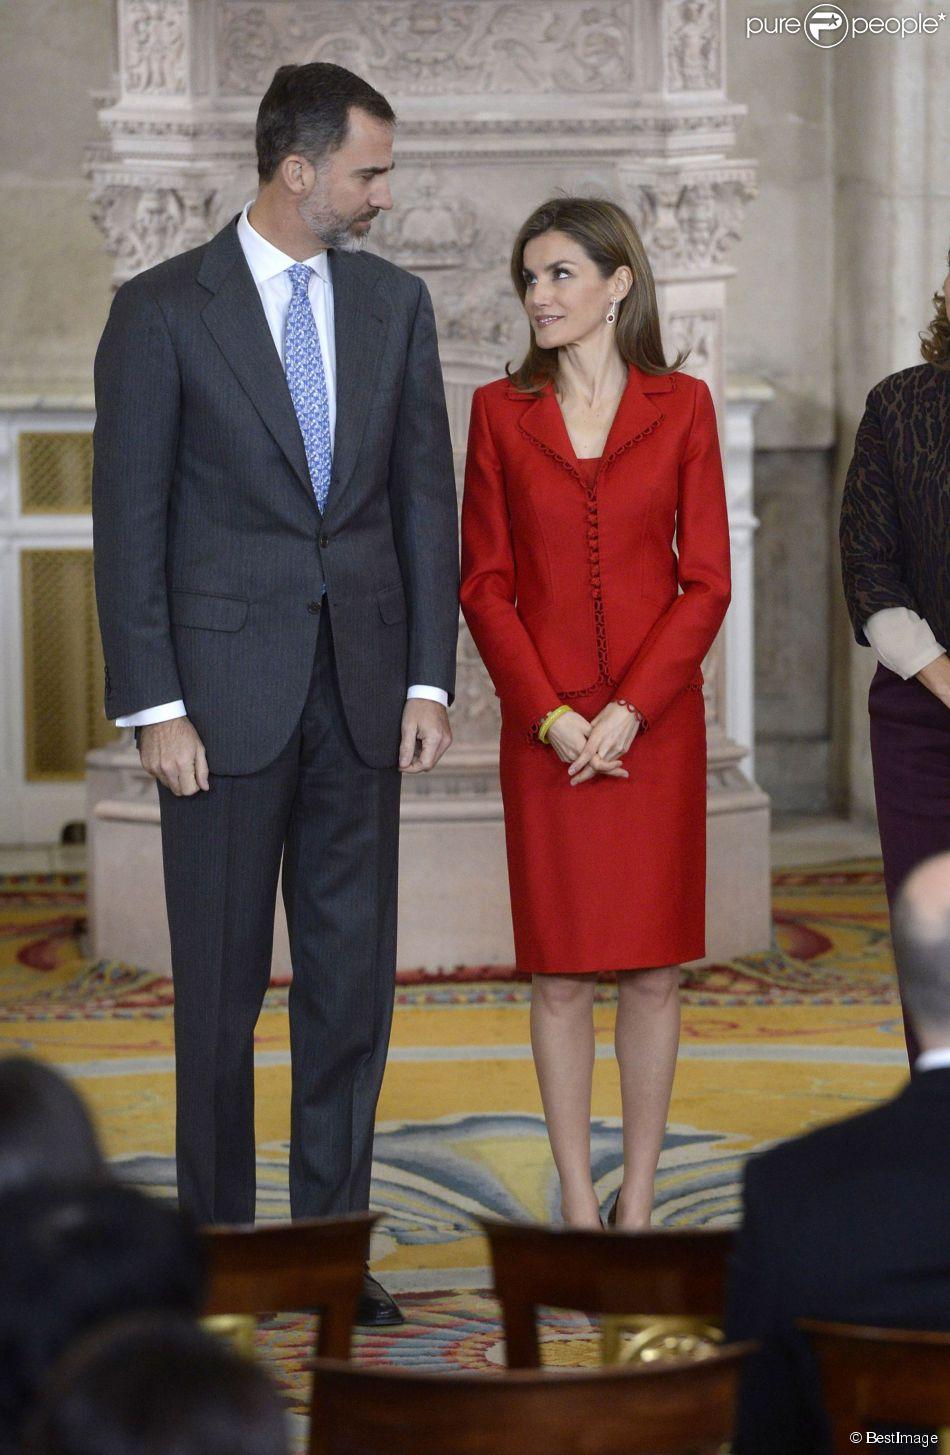 Le roi Felipe VI et la reine Letizia d'Espagne à la cérémonie de remise des prix de la recherche le 15 janvier 2015